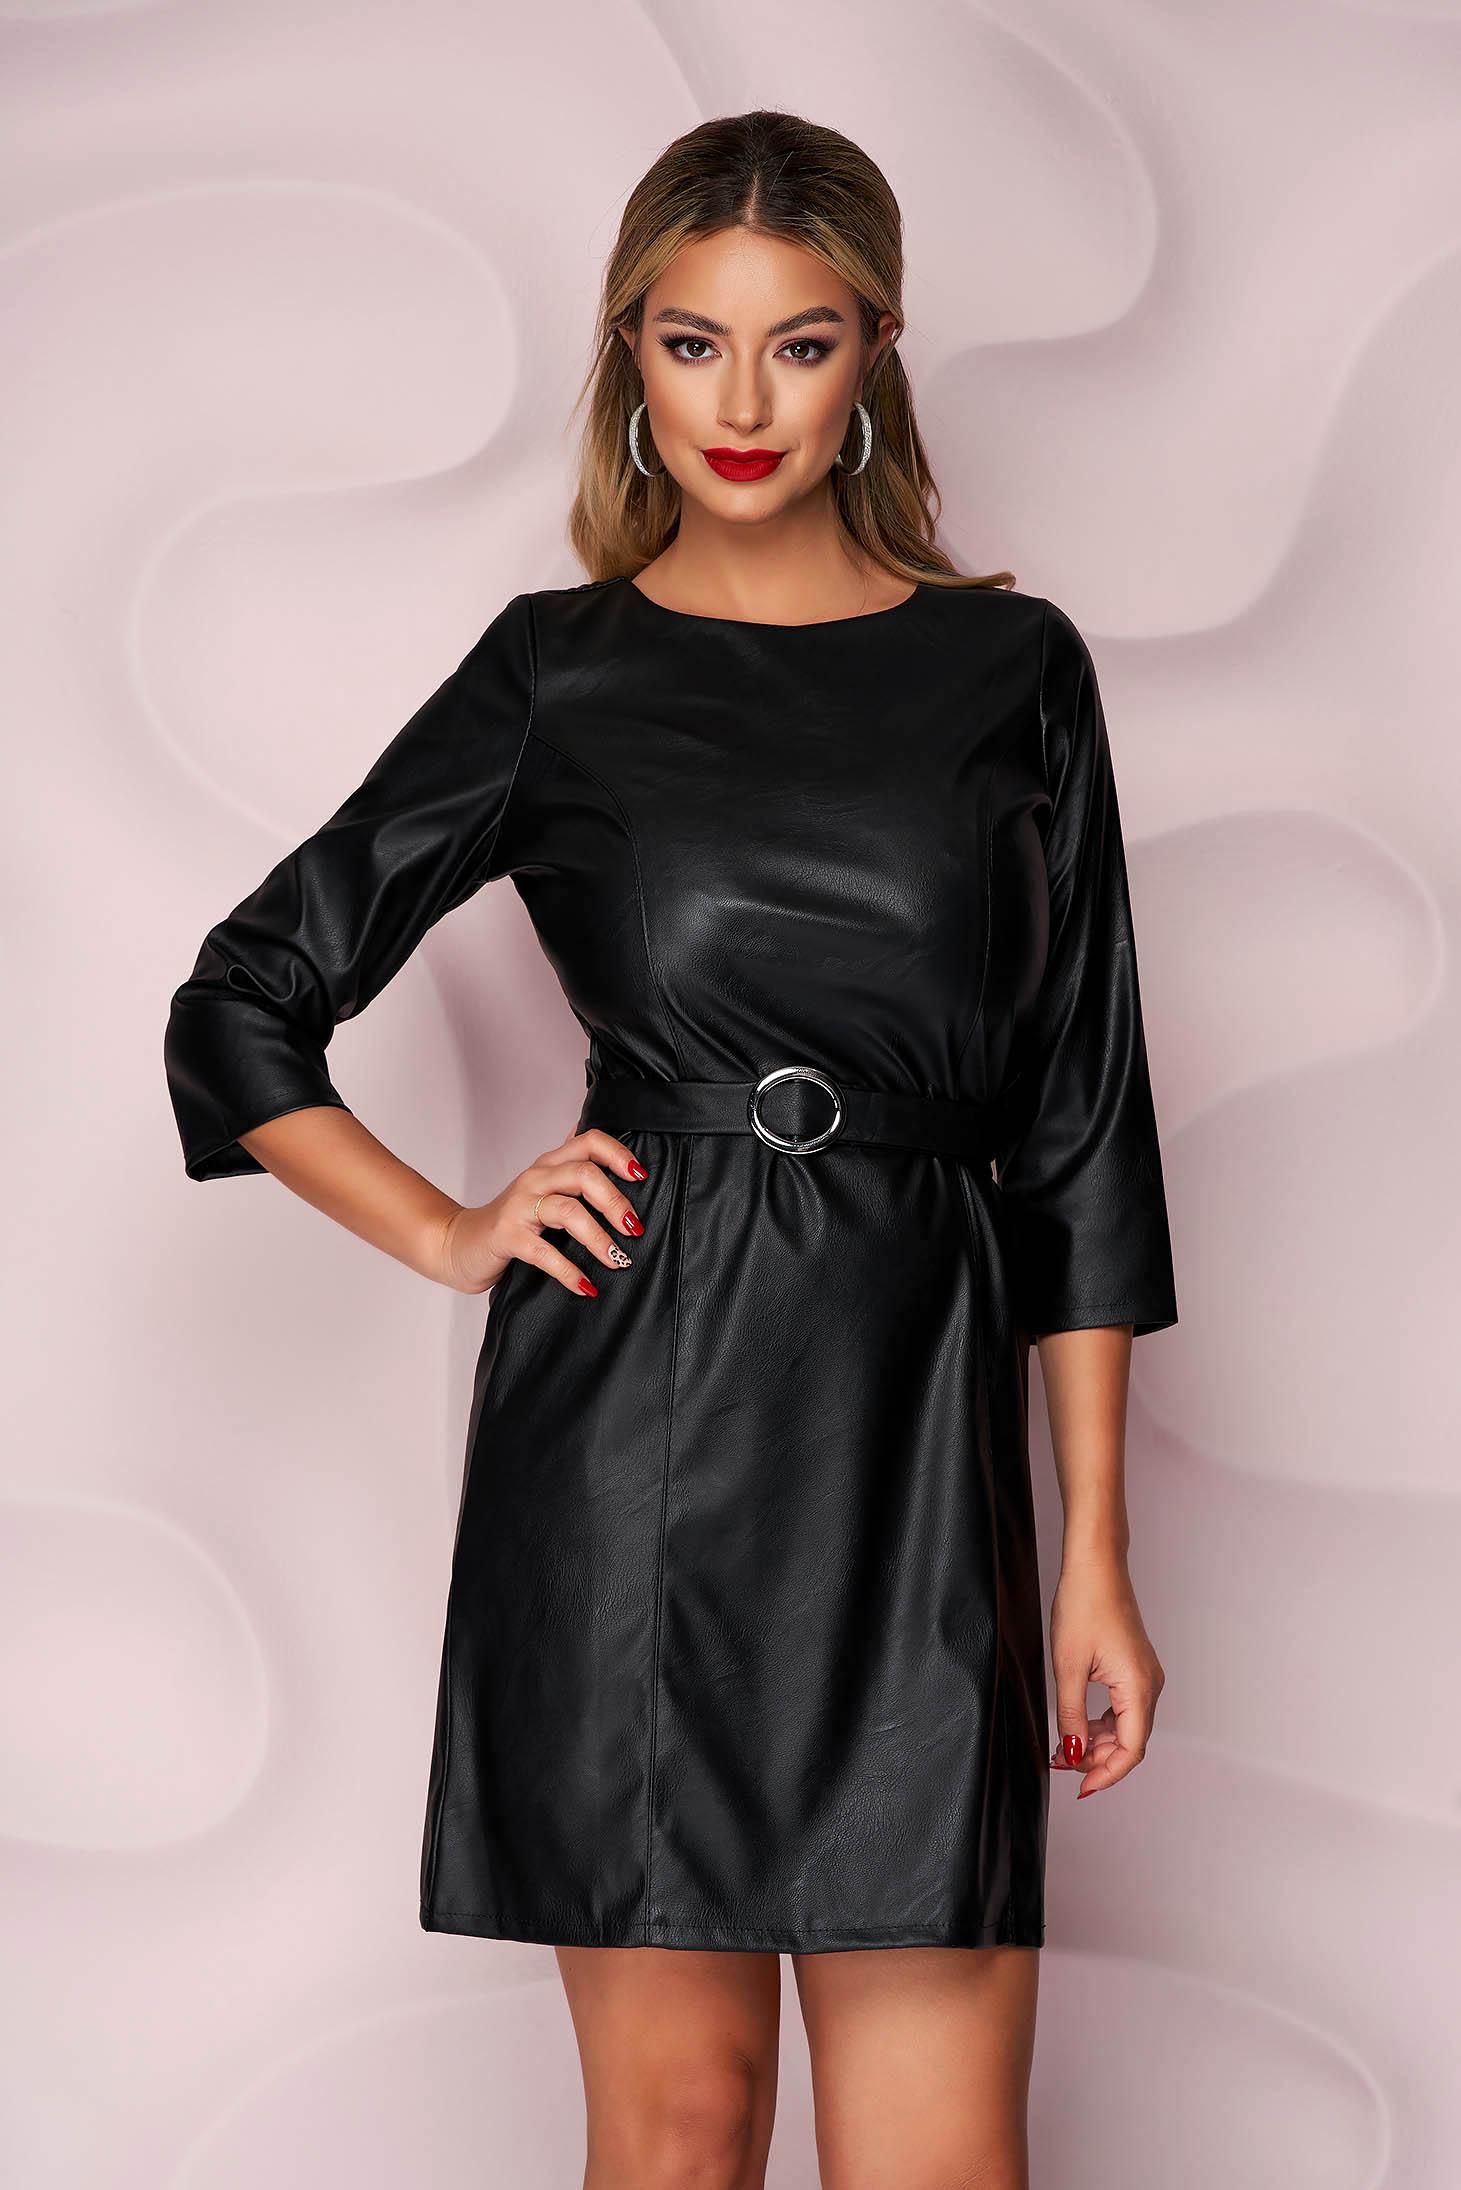 Fekete műbőr casual egyenes ruha szintetikus bőr övvel